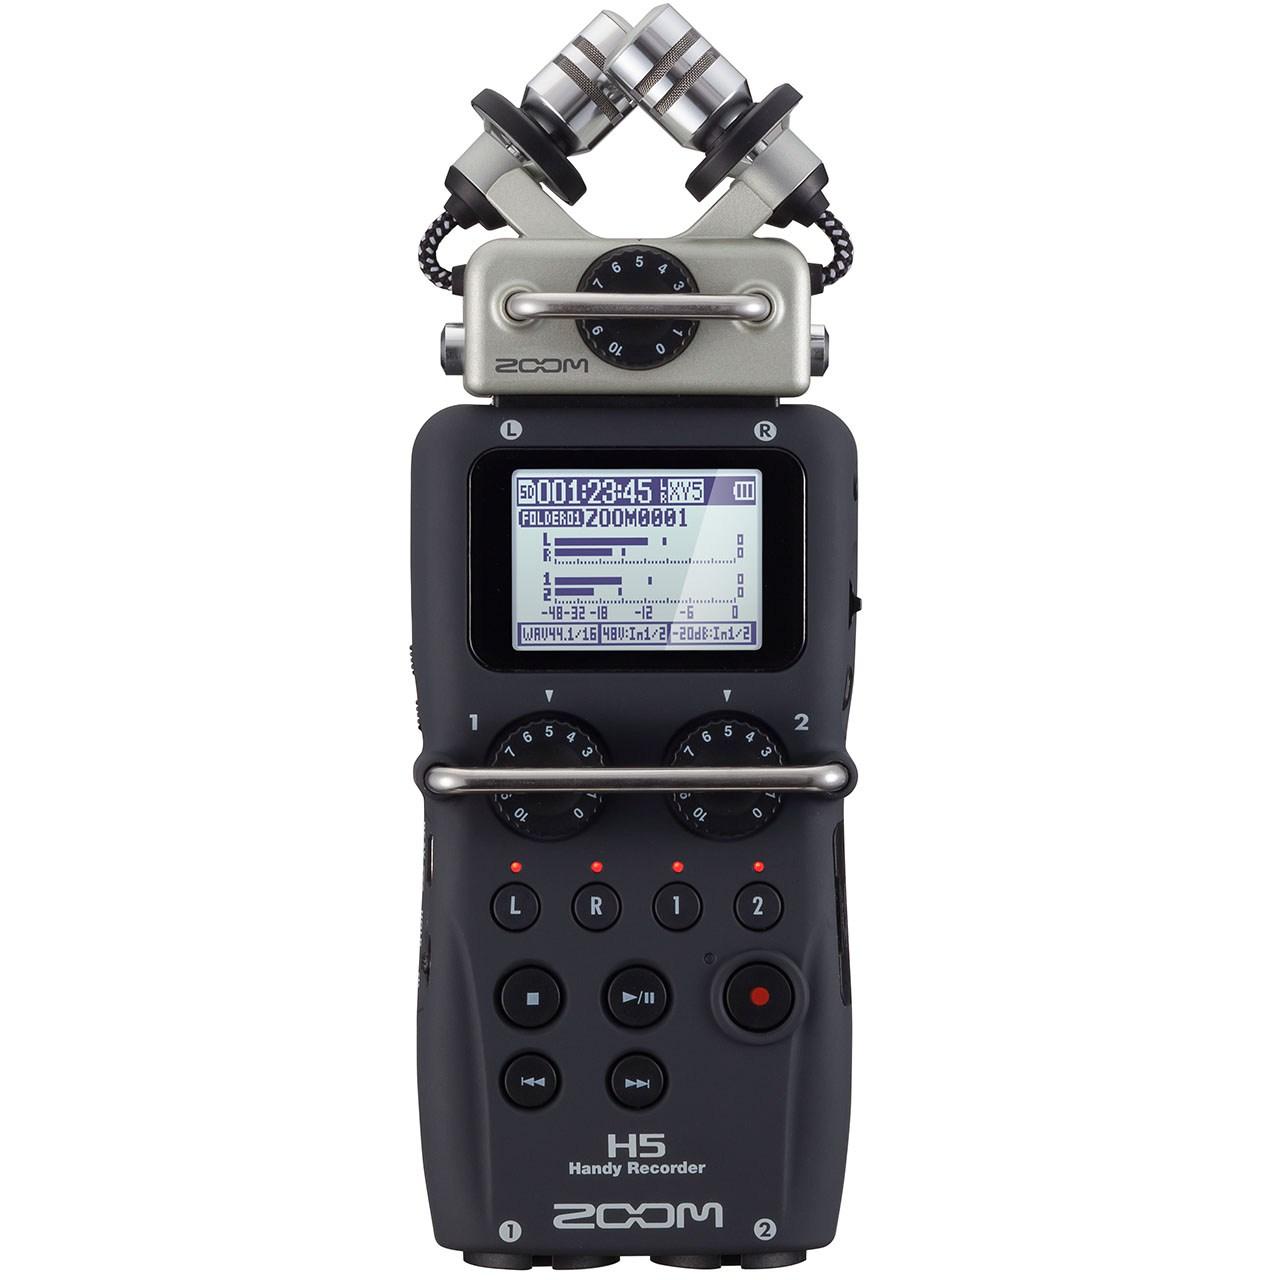 ضبط کننده حرفه ای صدا زوم مدل H5